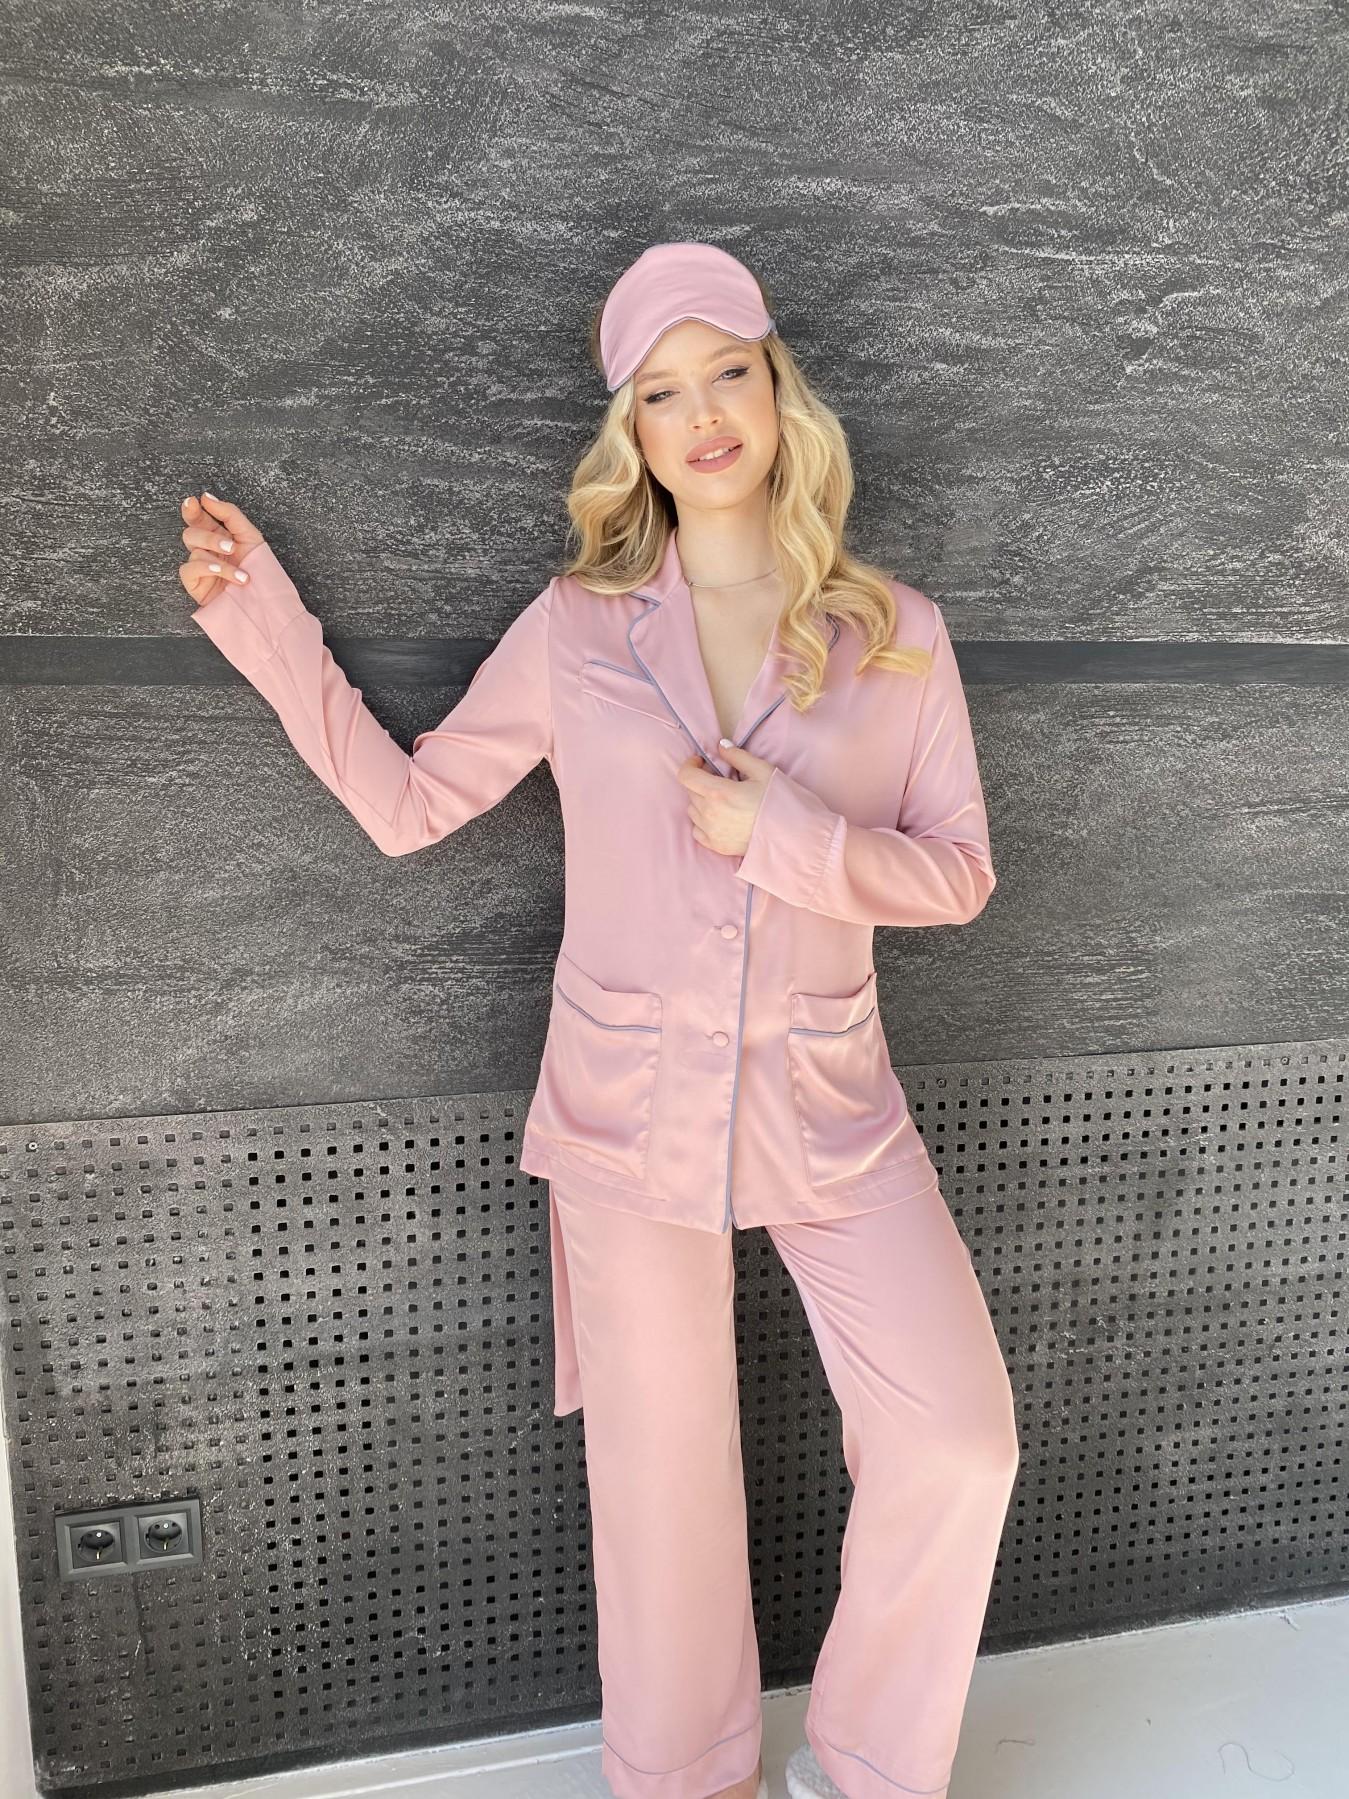 Шайн костюм из шелка  10778 АРТ. 47213 Цвет: Розовый - фото 2, интернет магазин tm-modus.ru